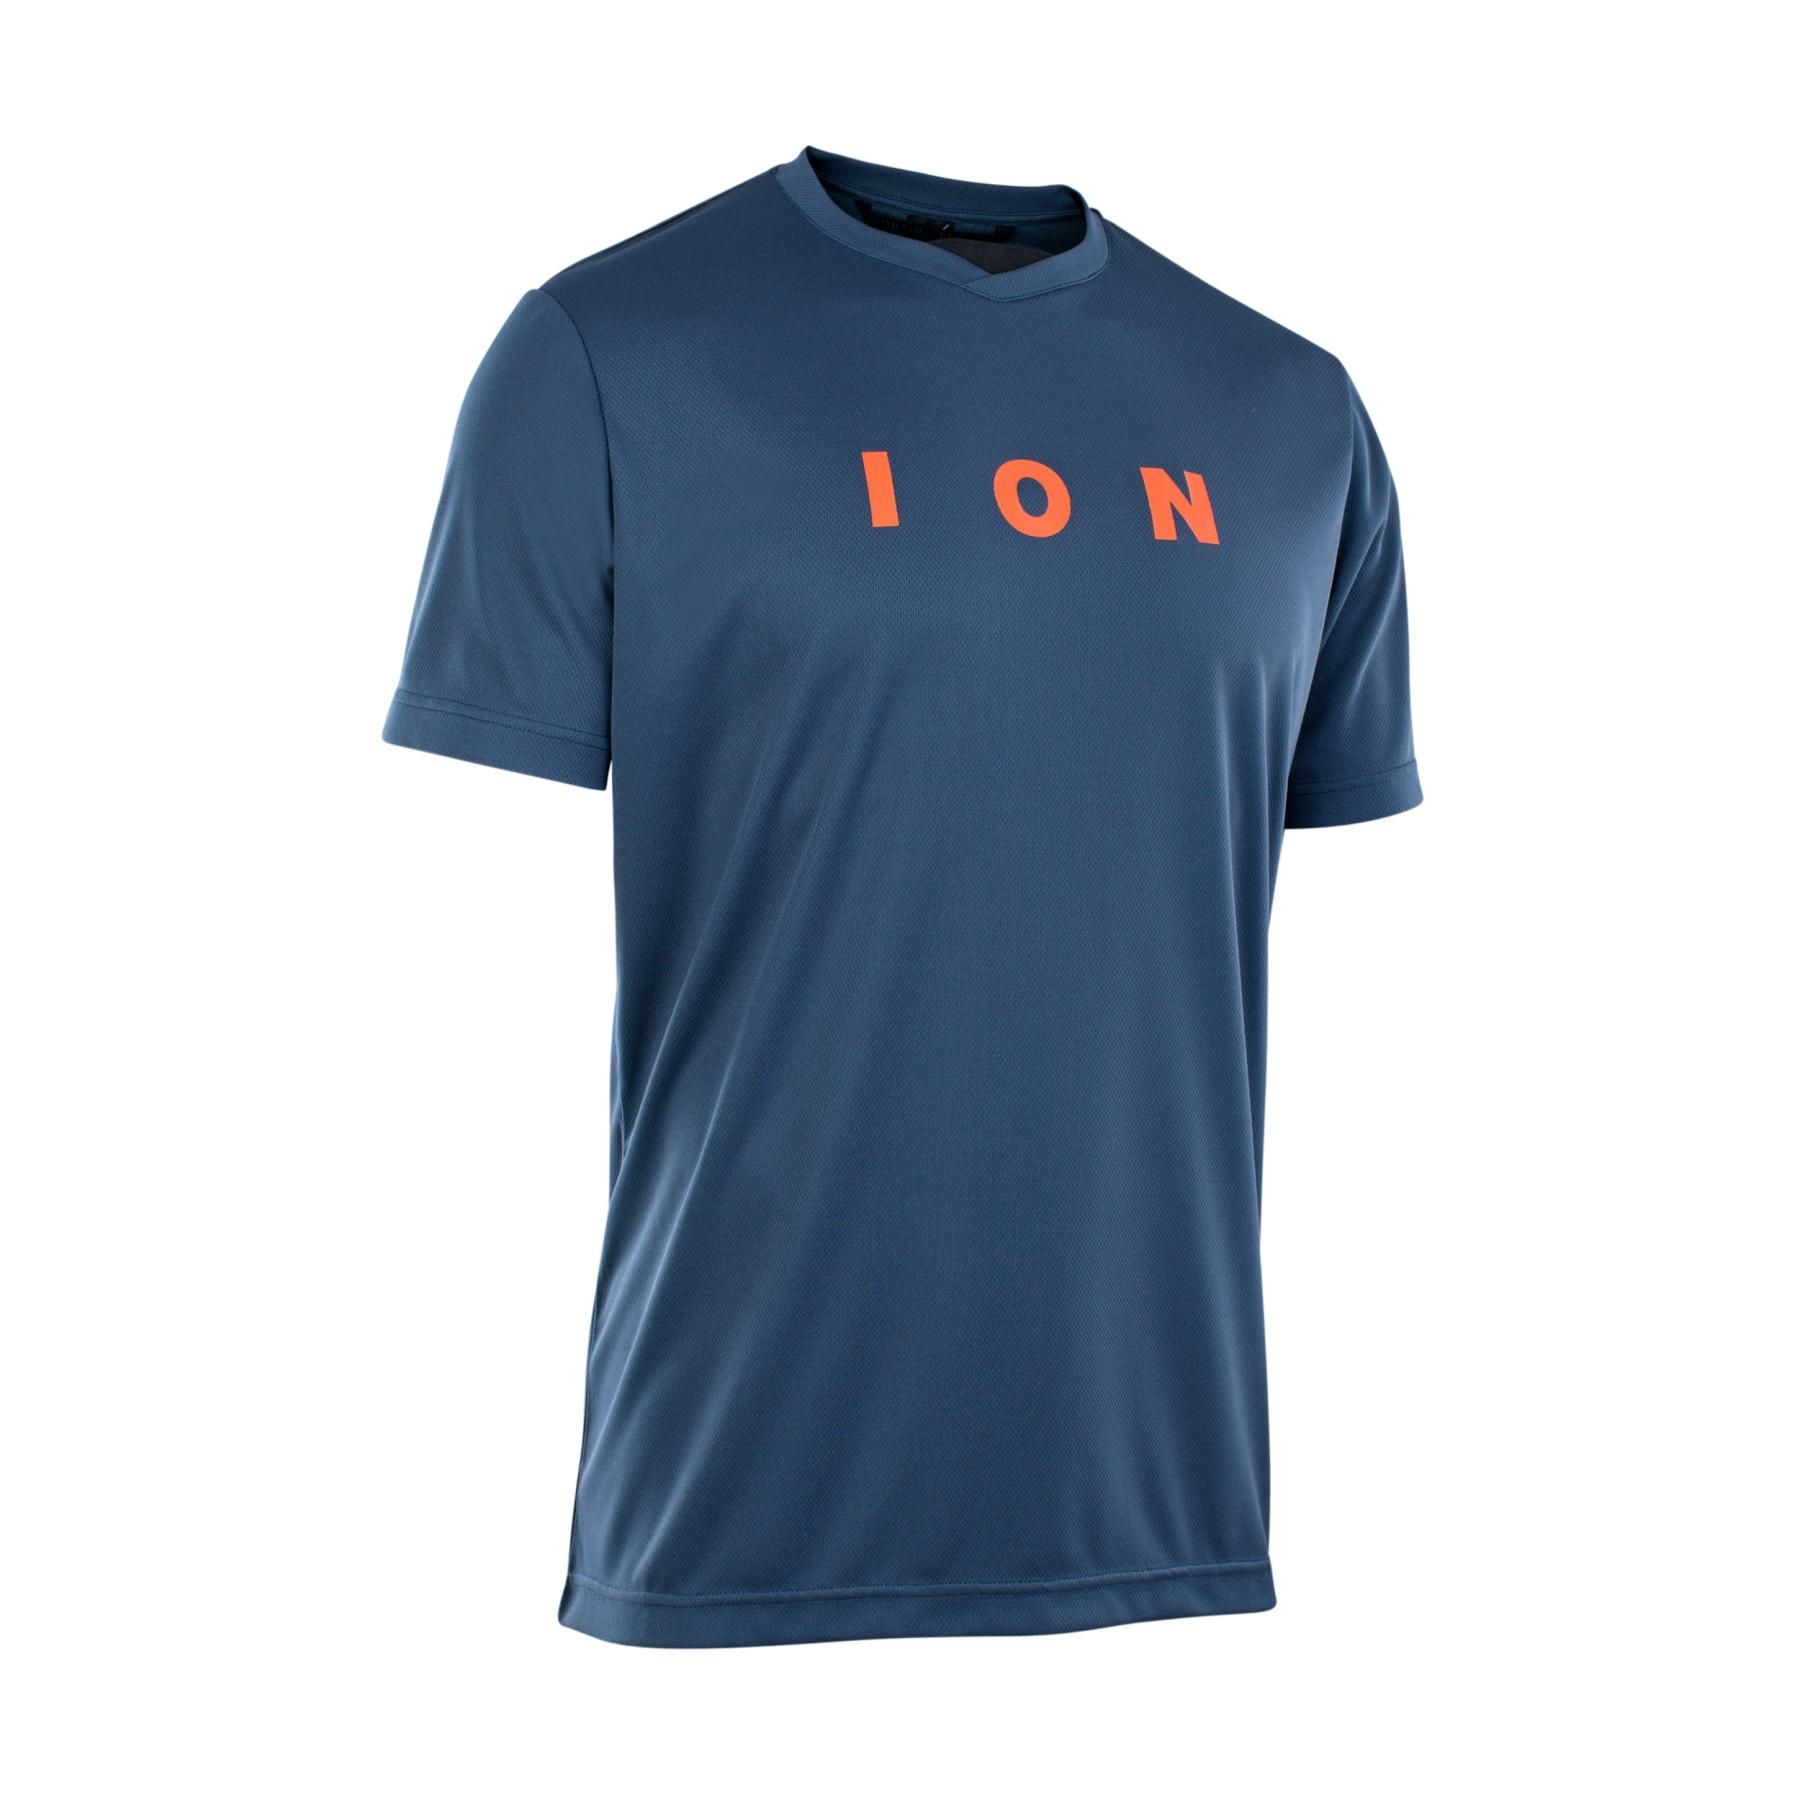 Produktbild von ION Bike T-Shirt Scrub 2.0 - Indigo Dawn